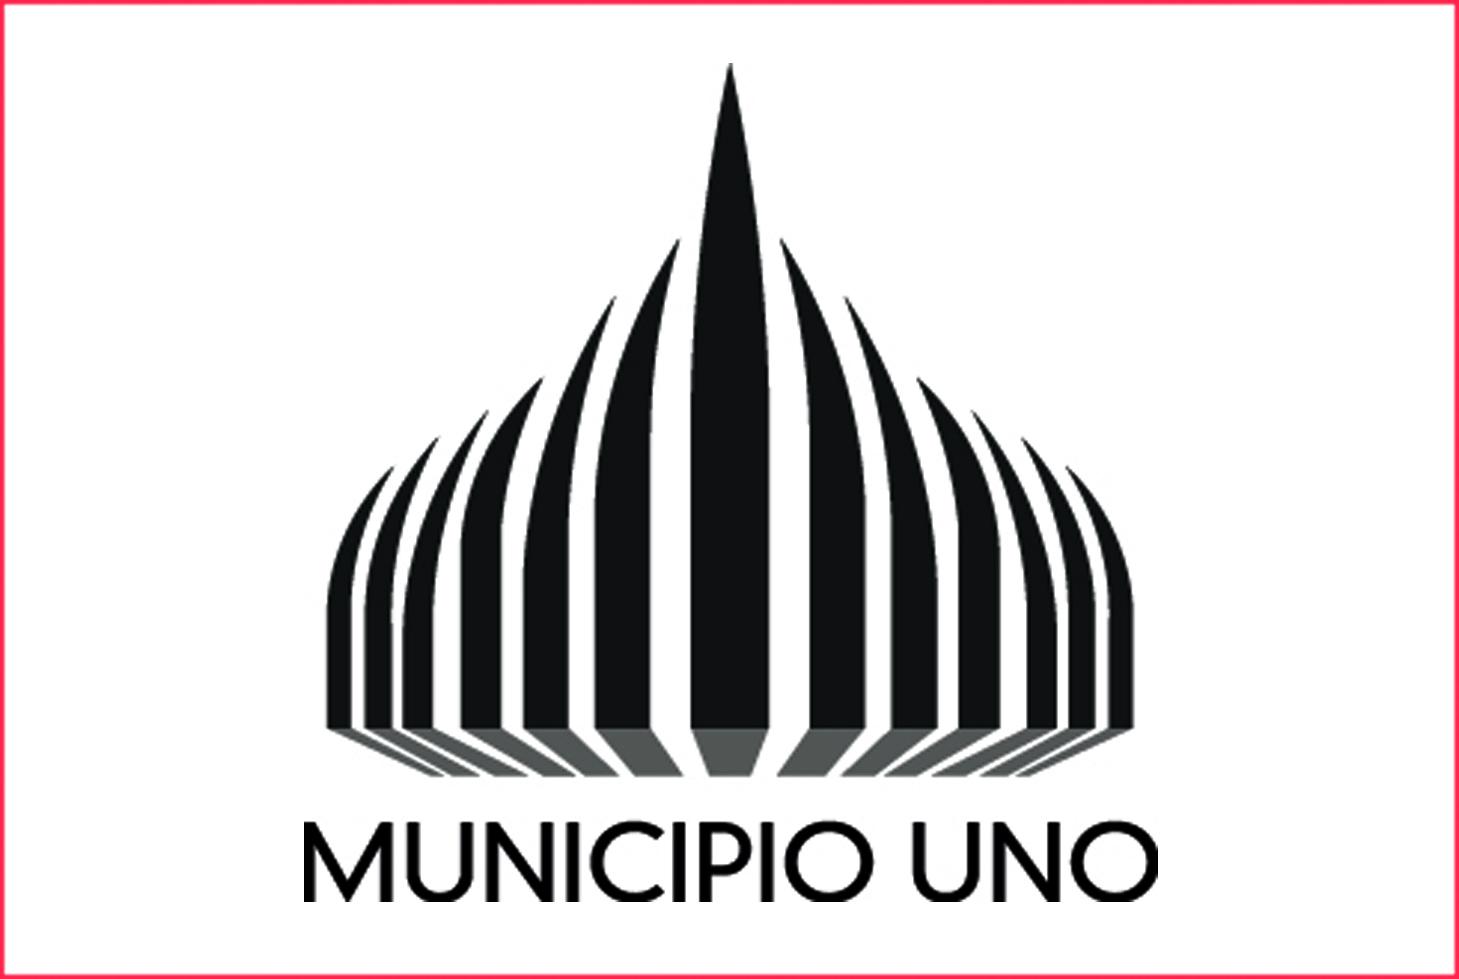 municipio 1 centro storico comune di milano